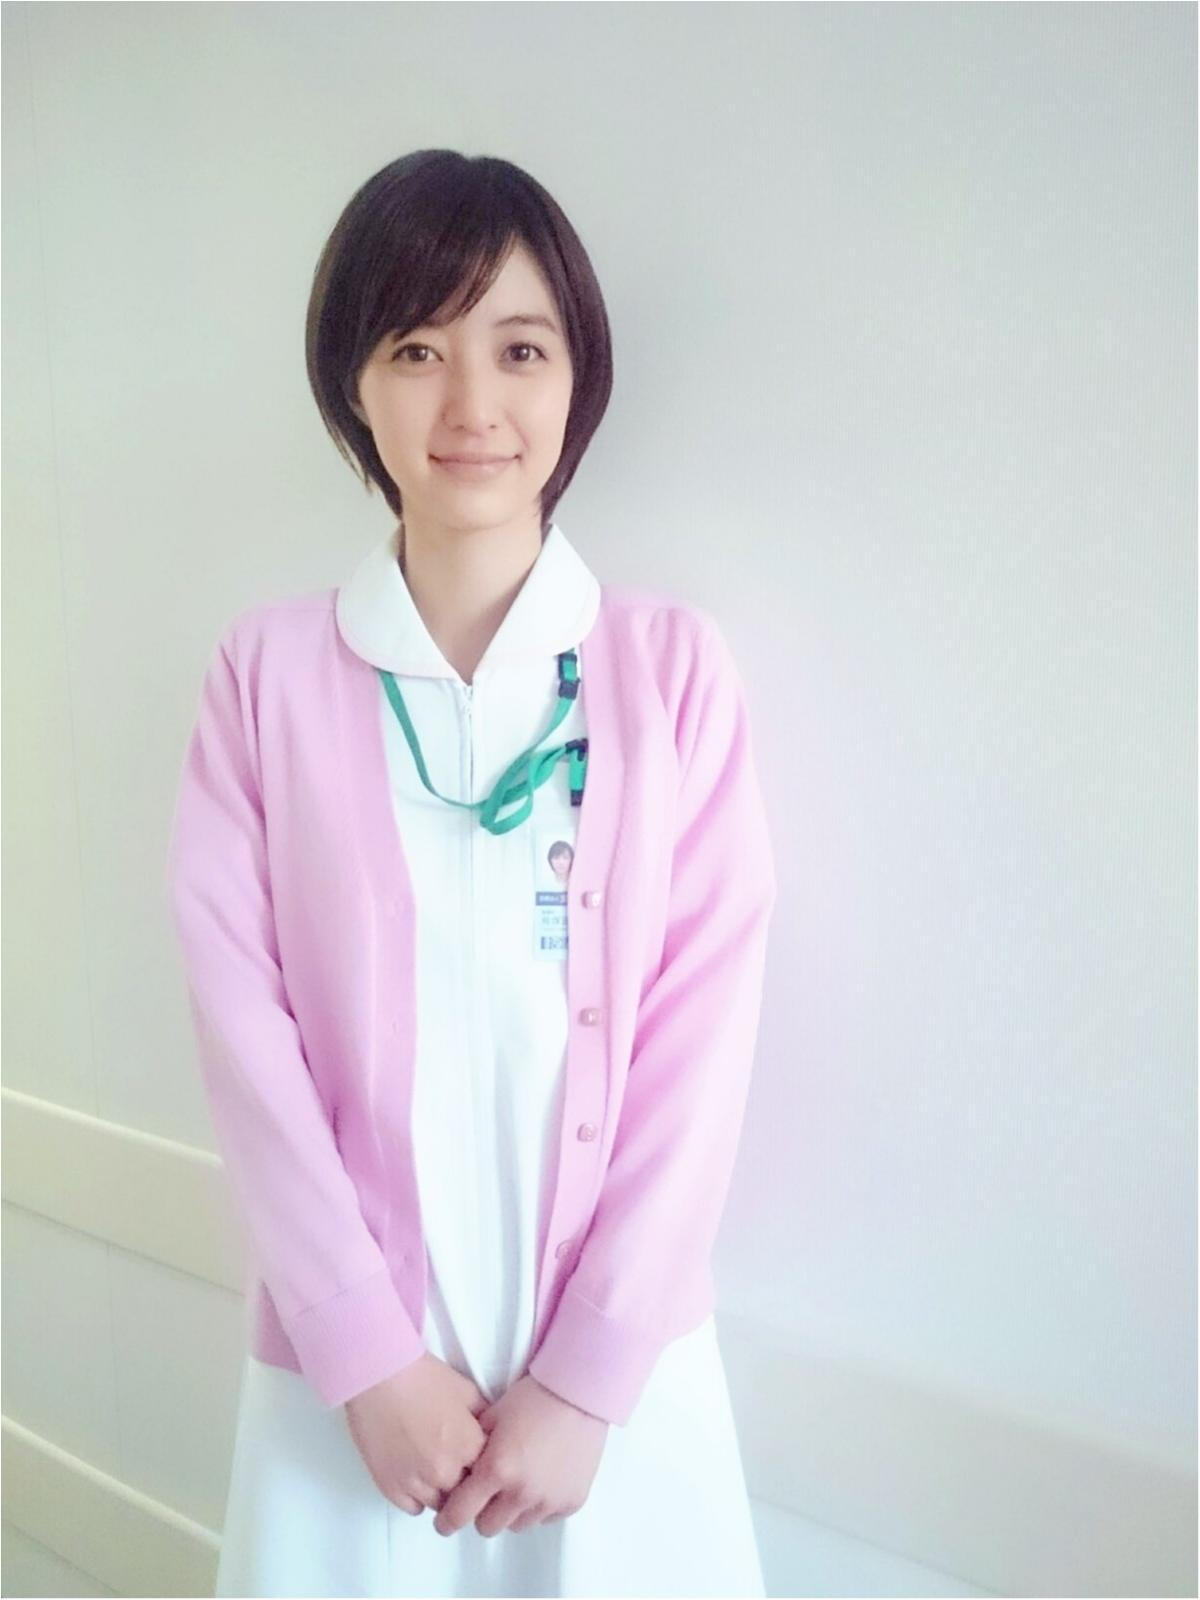 【テレビ出演情報】逢沢りな、「スペシャリスト」で看護士になる!?_1